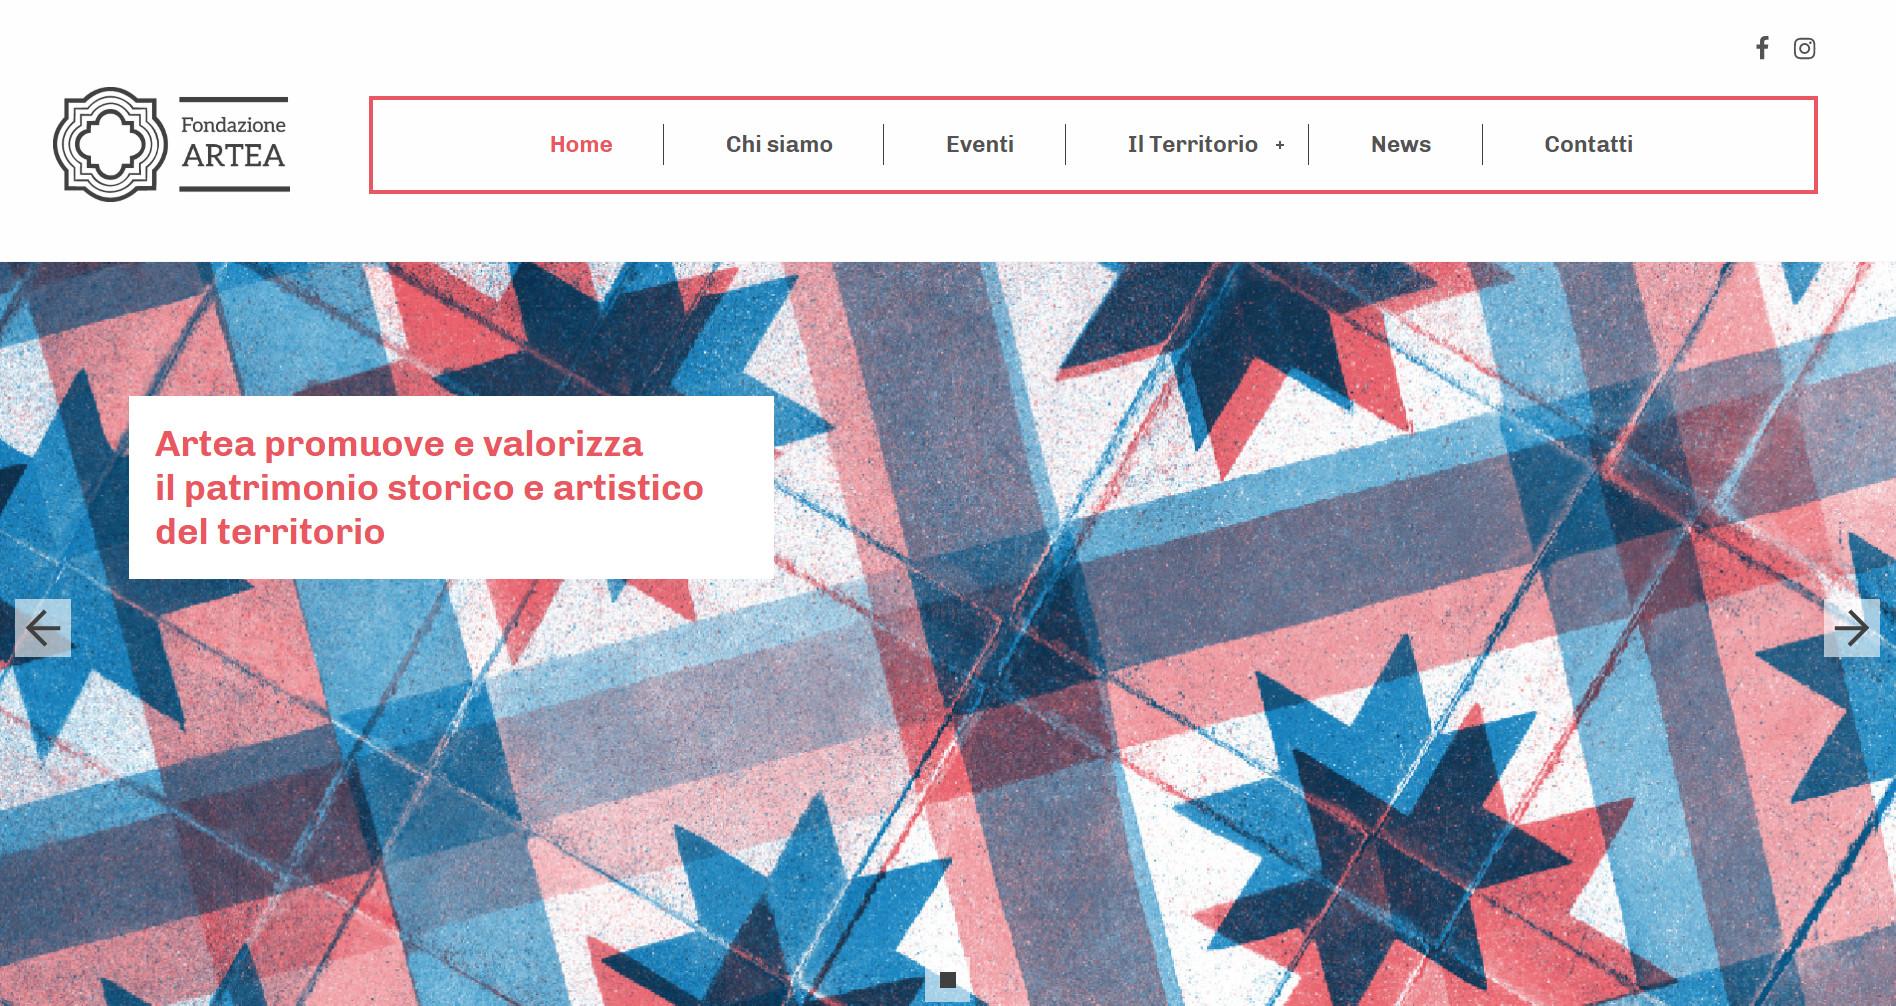 Progettazione e sviluppo sito web fondazione artea